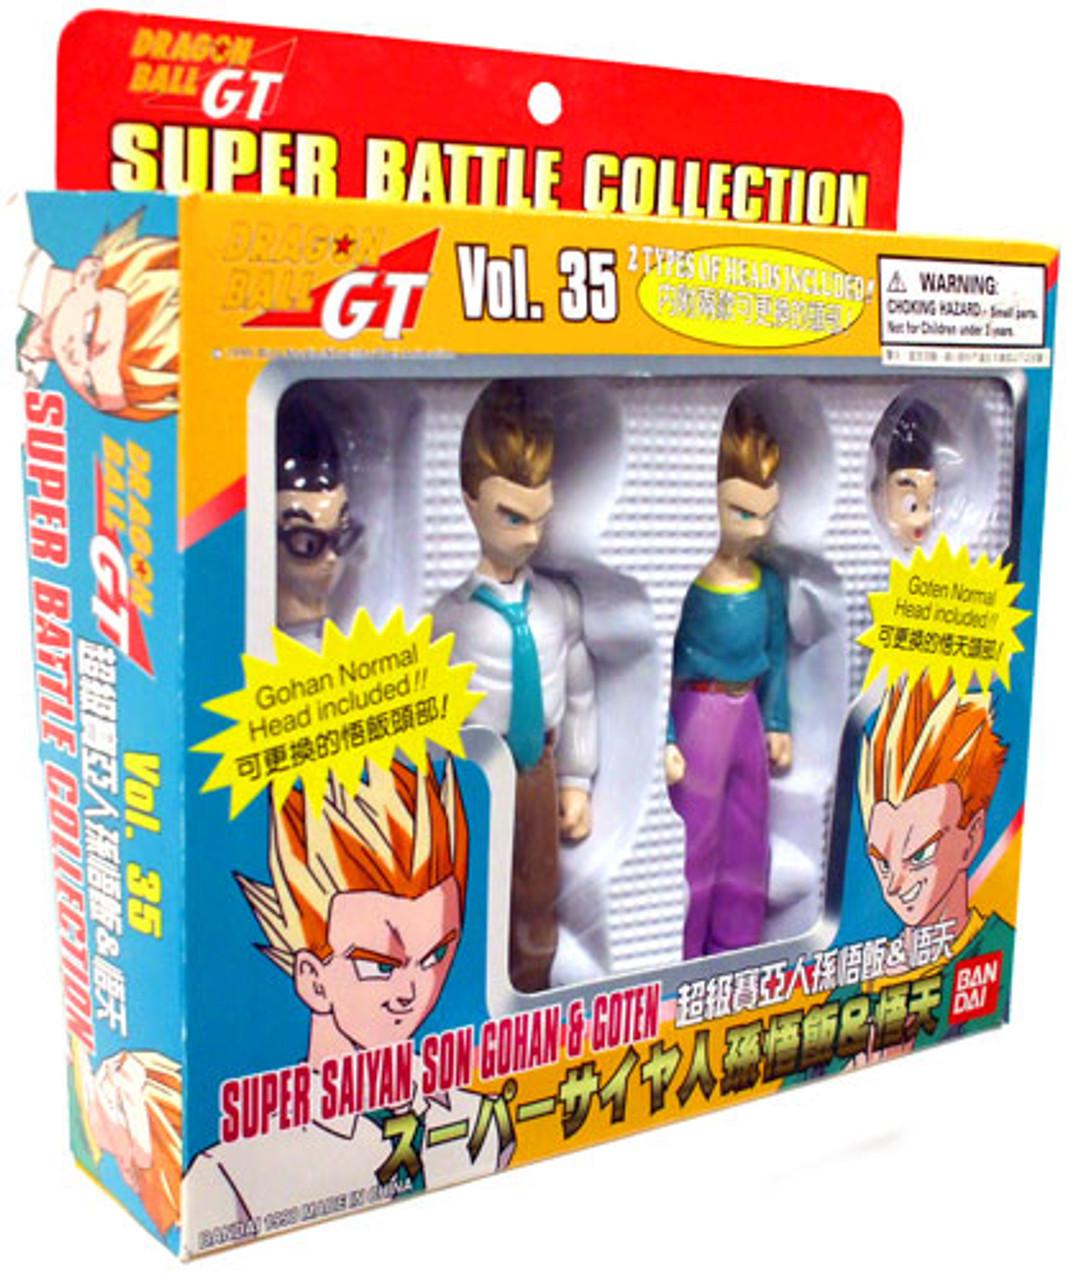 Dragon Ball GT Super Battle Collection Super Saiyan Son Gohan & Goten Action Figure 2-Pack #35